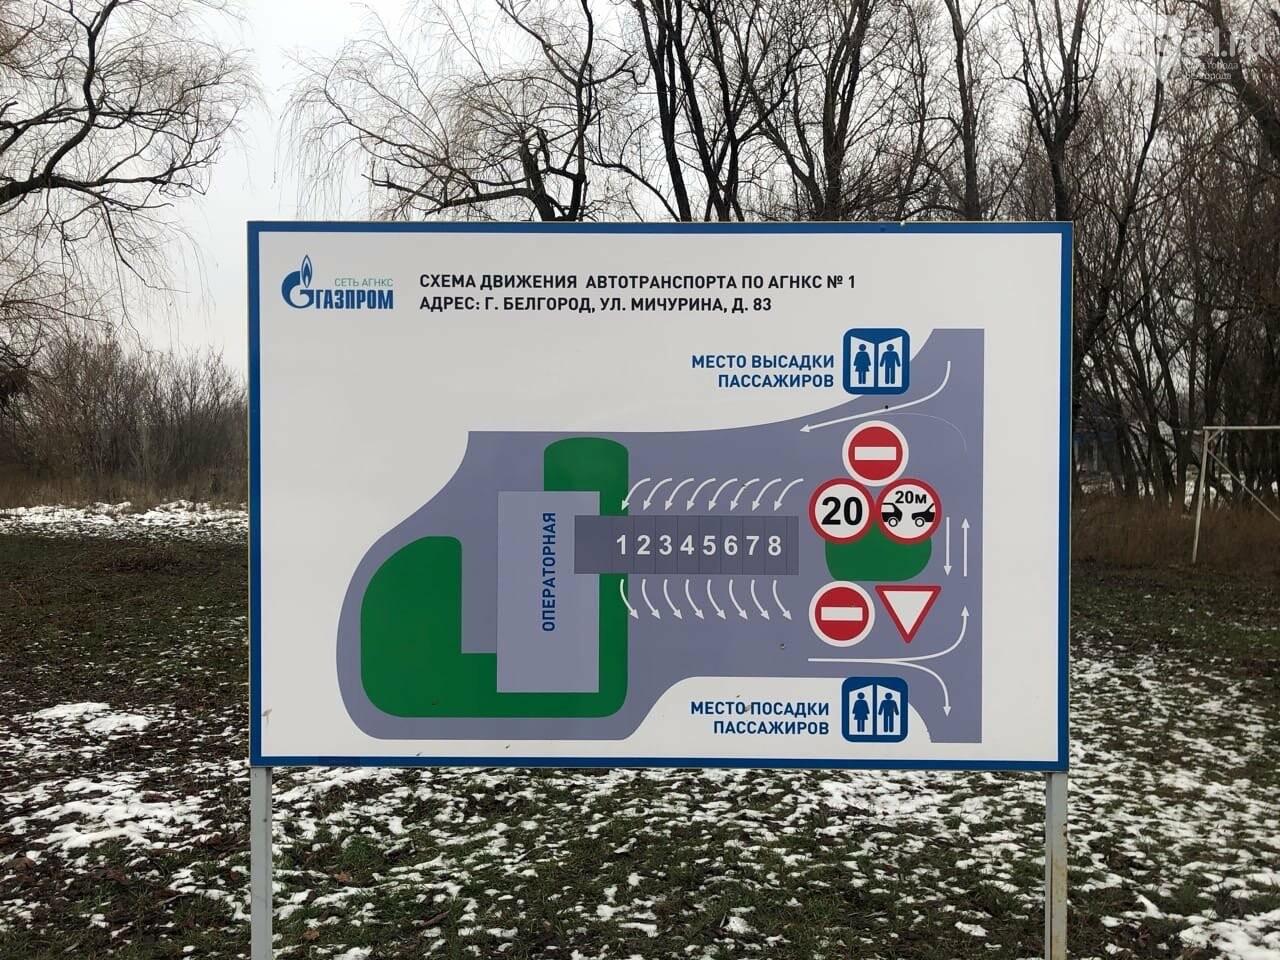 Бензин vs метан. Стоит ли белгородцам переводить машины на газ?, фото-1